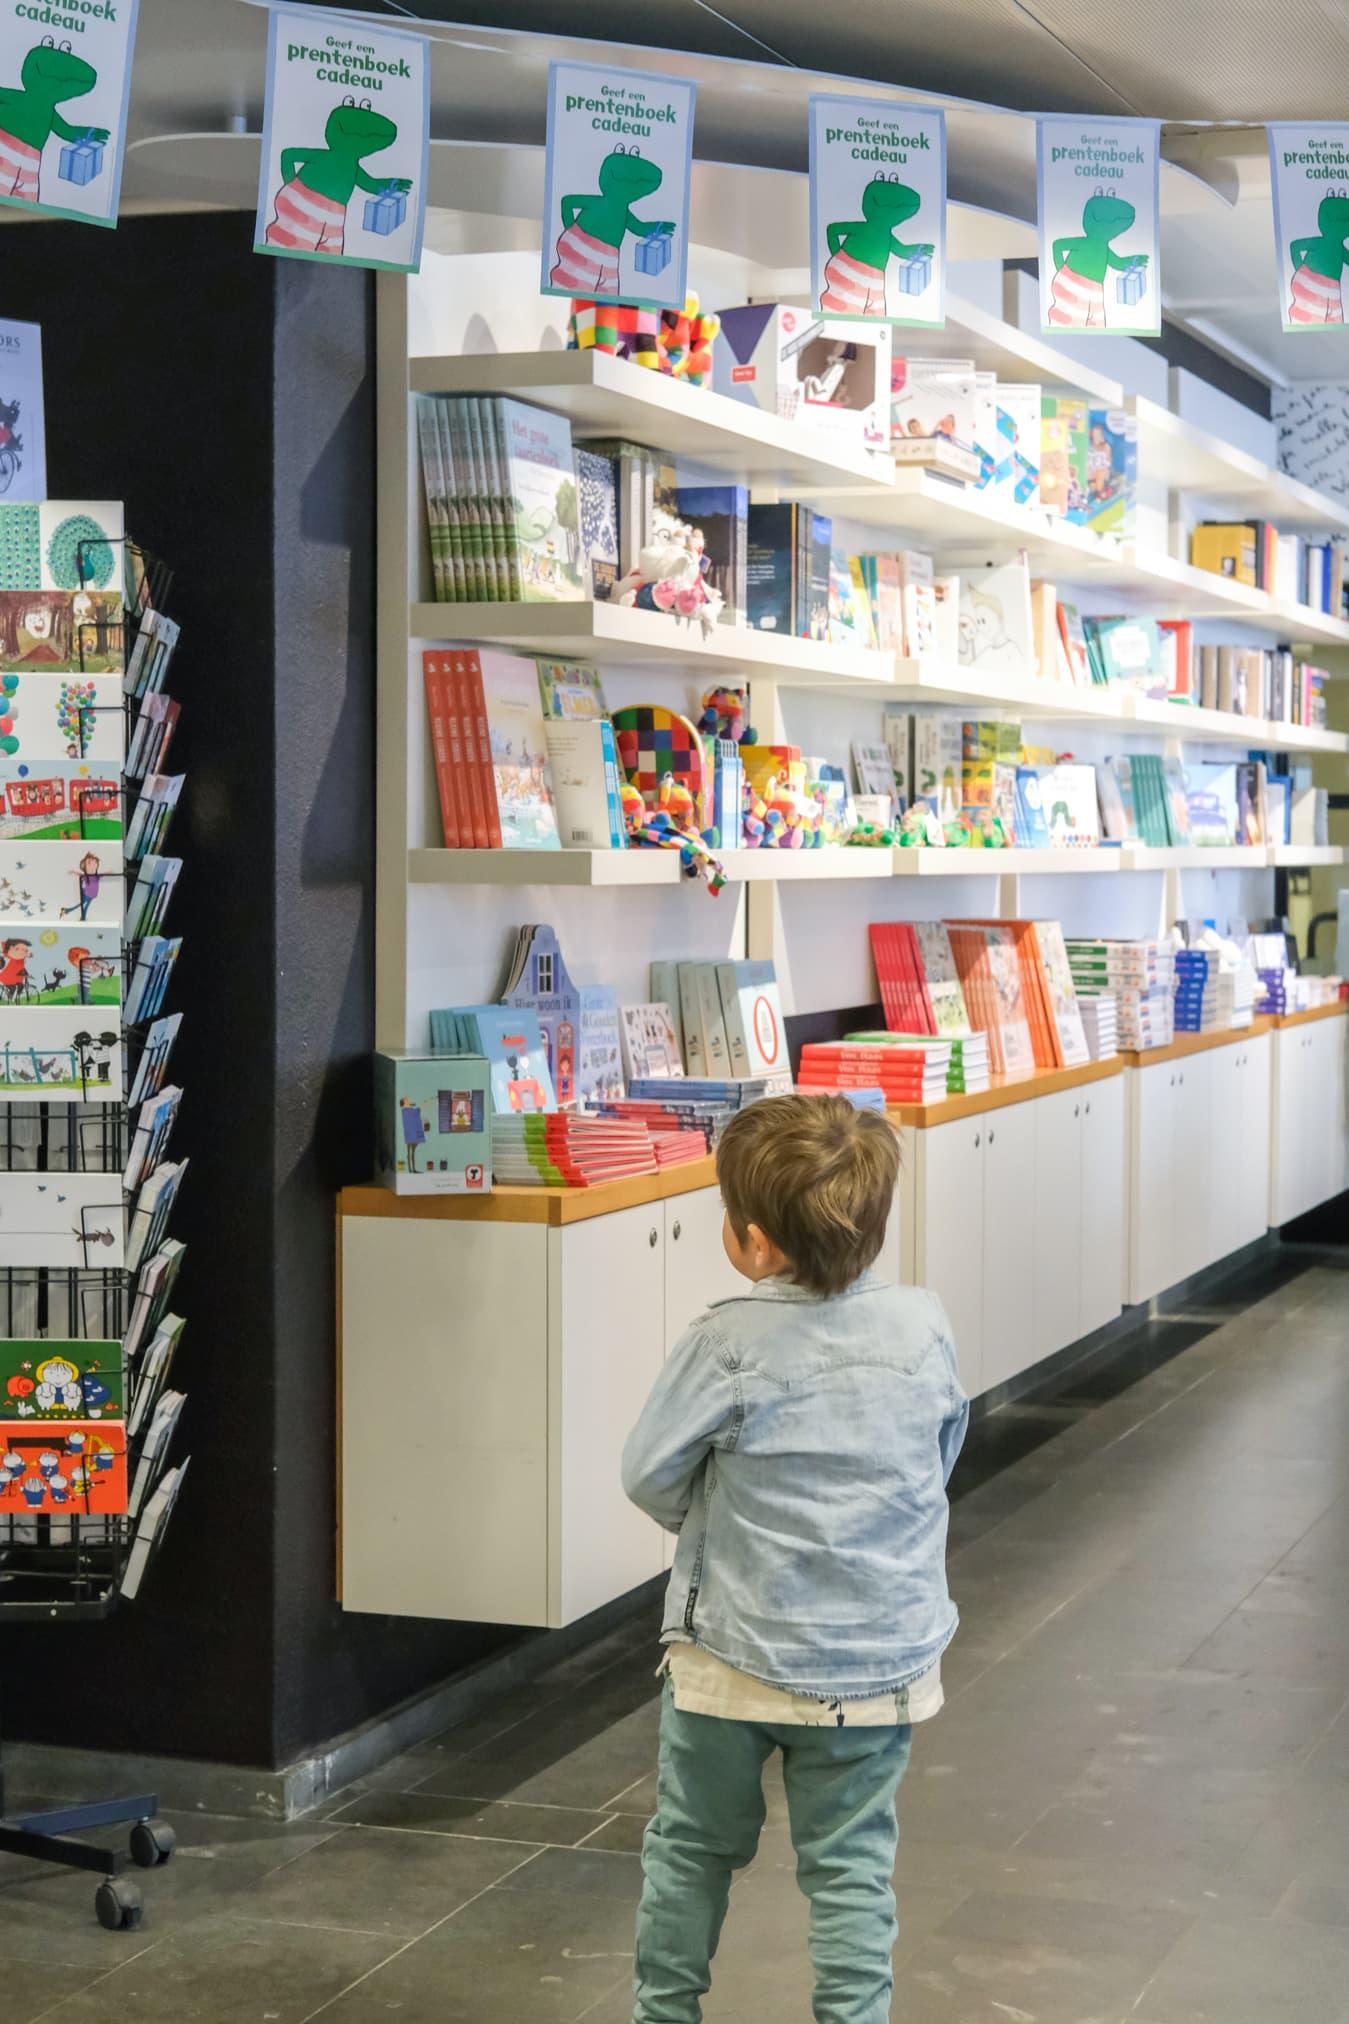 kinderboekenmuseum den haag bezoek